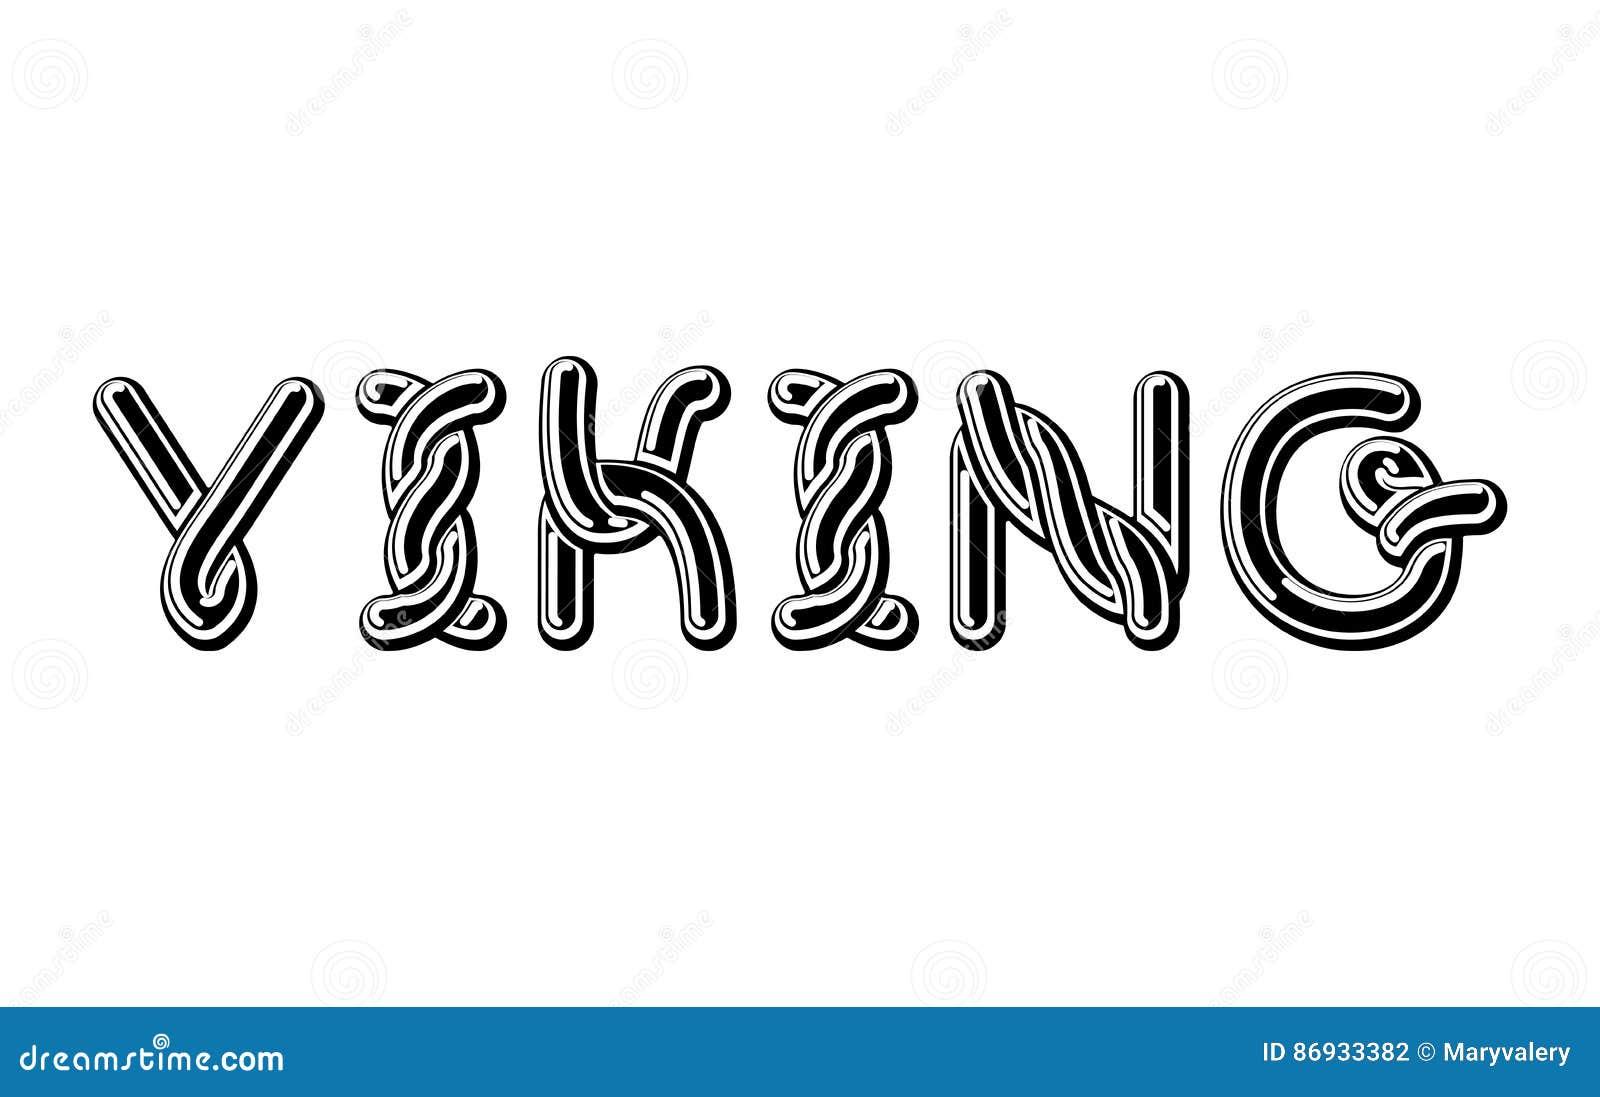 Free fonts viking font find samples